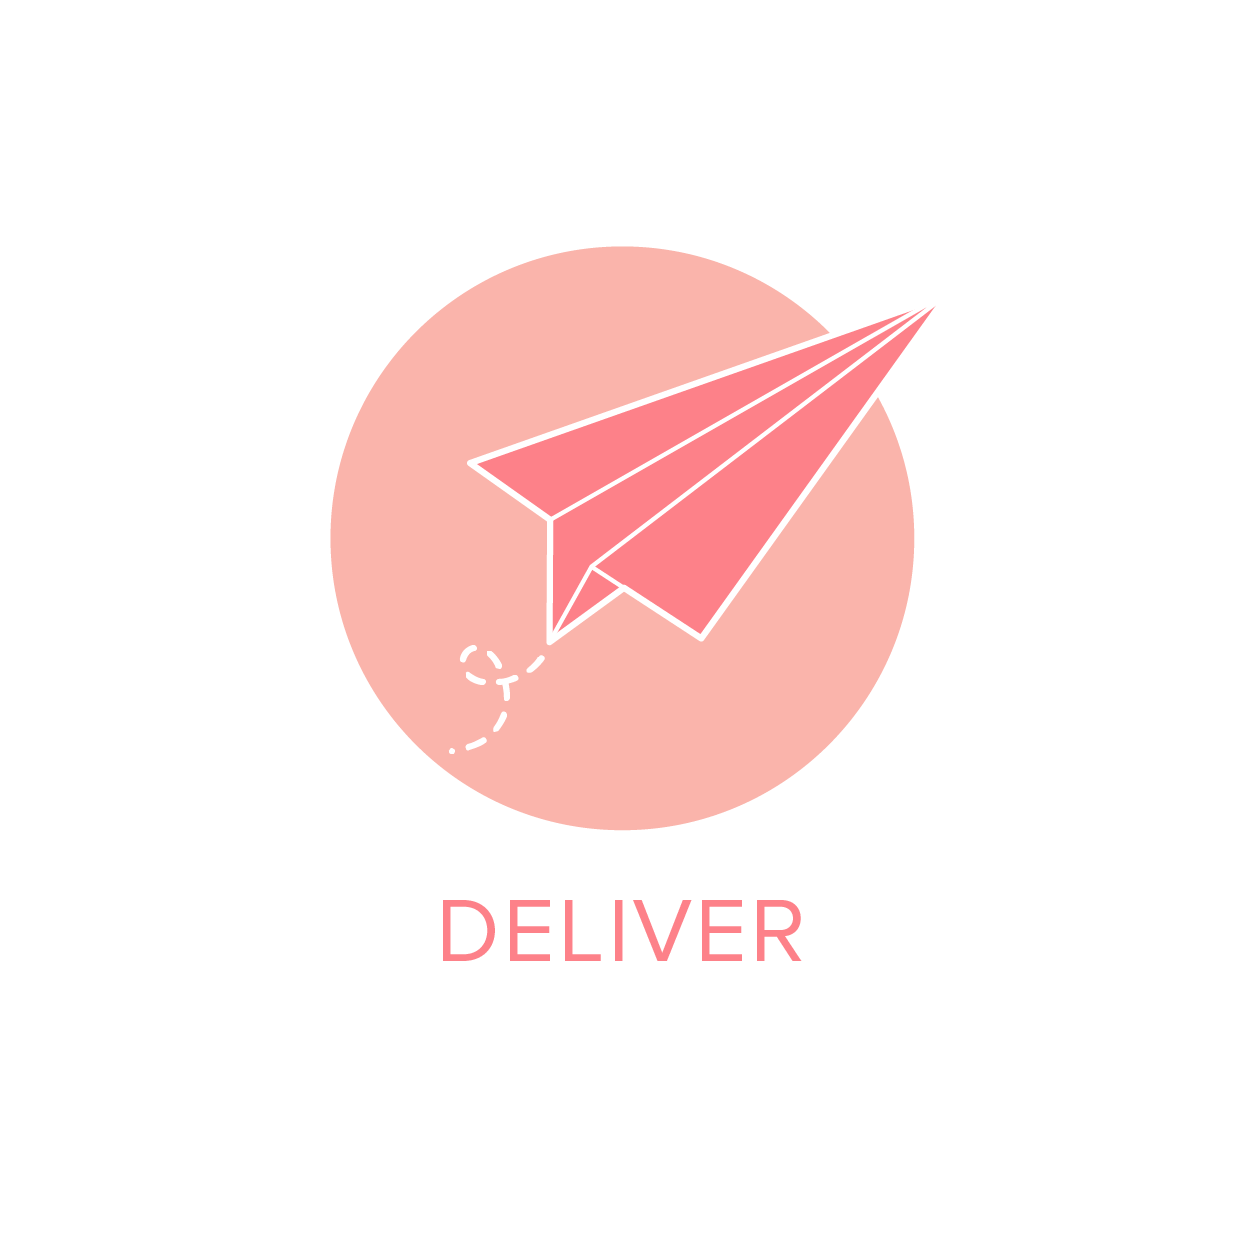 3_Deliver.png